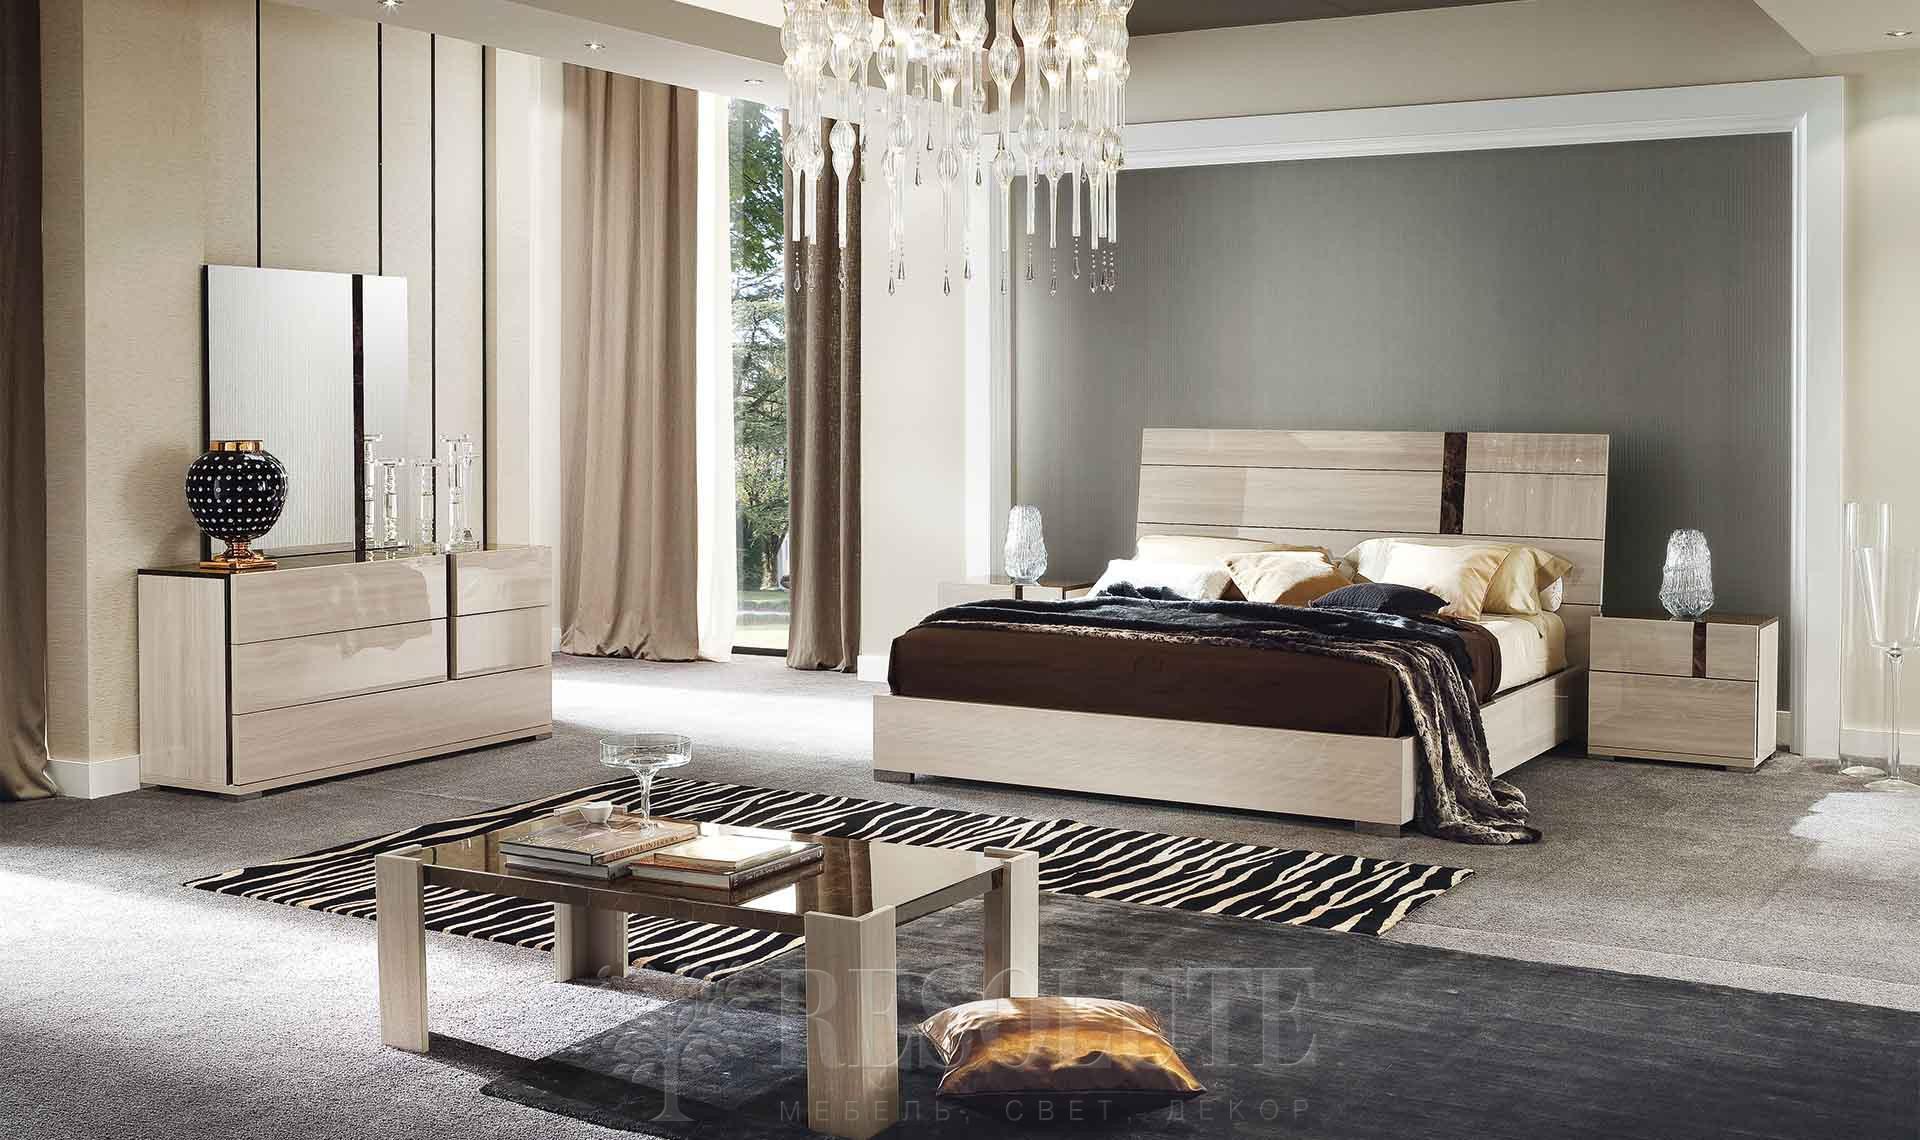 Кровать двуспальная TEODORA ALF - 2